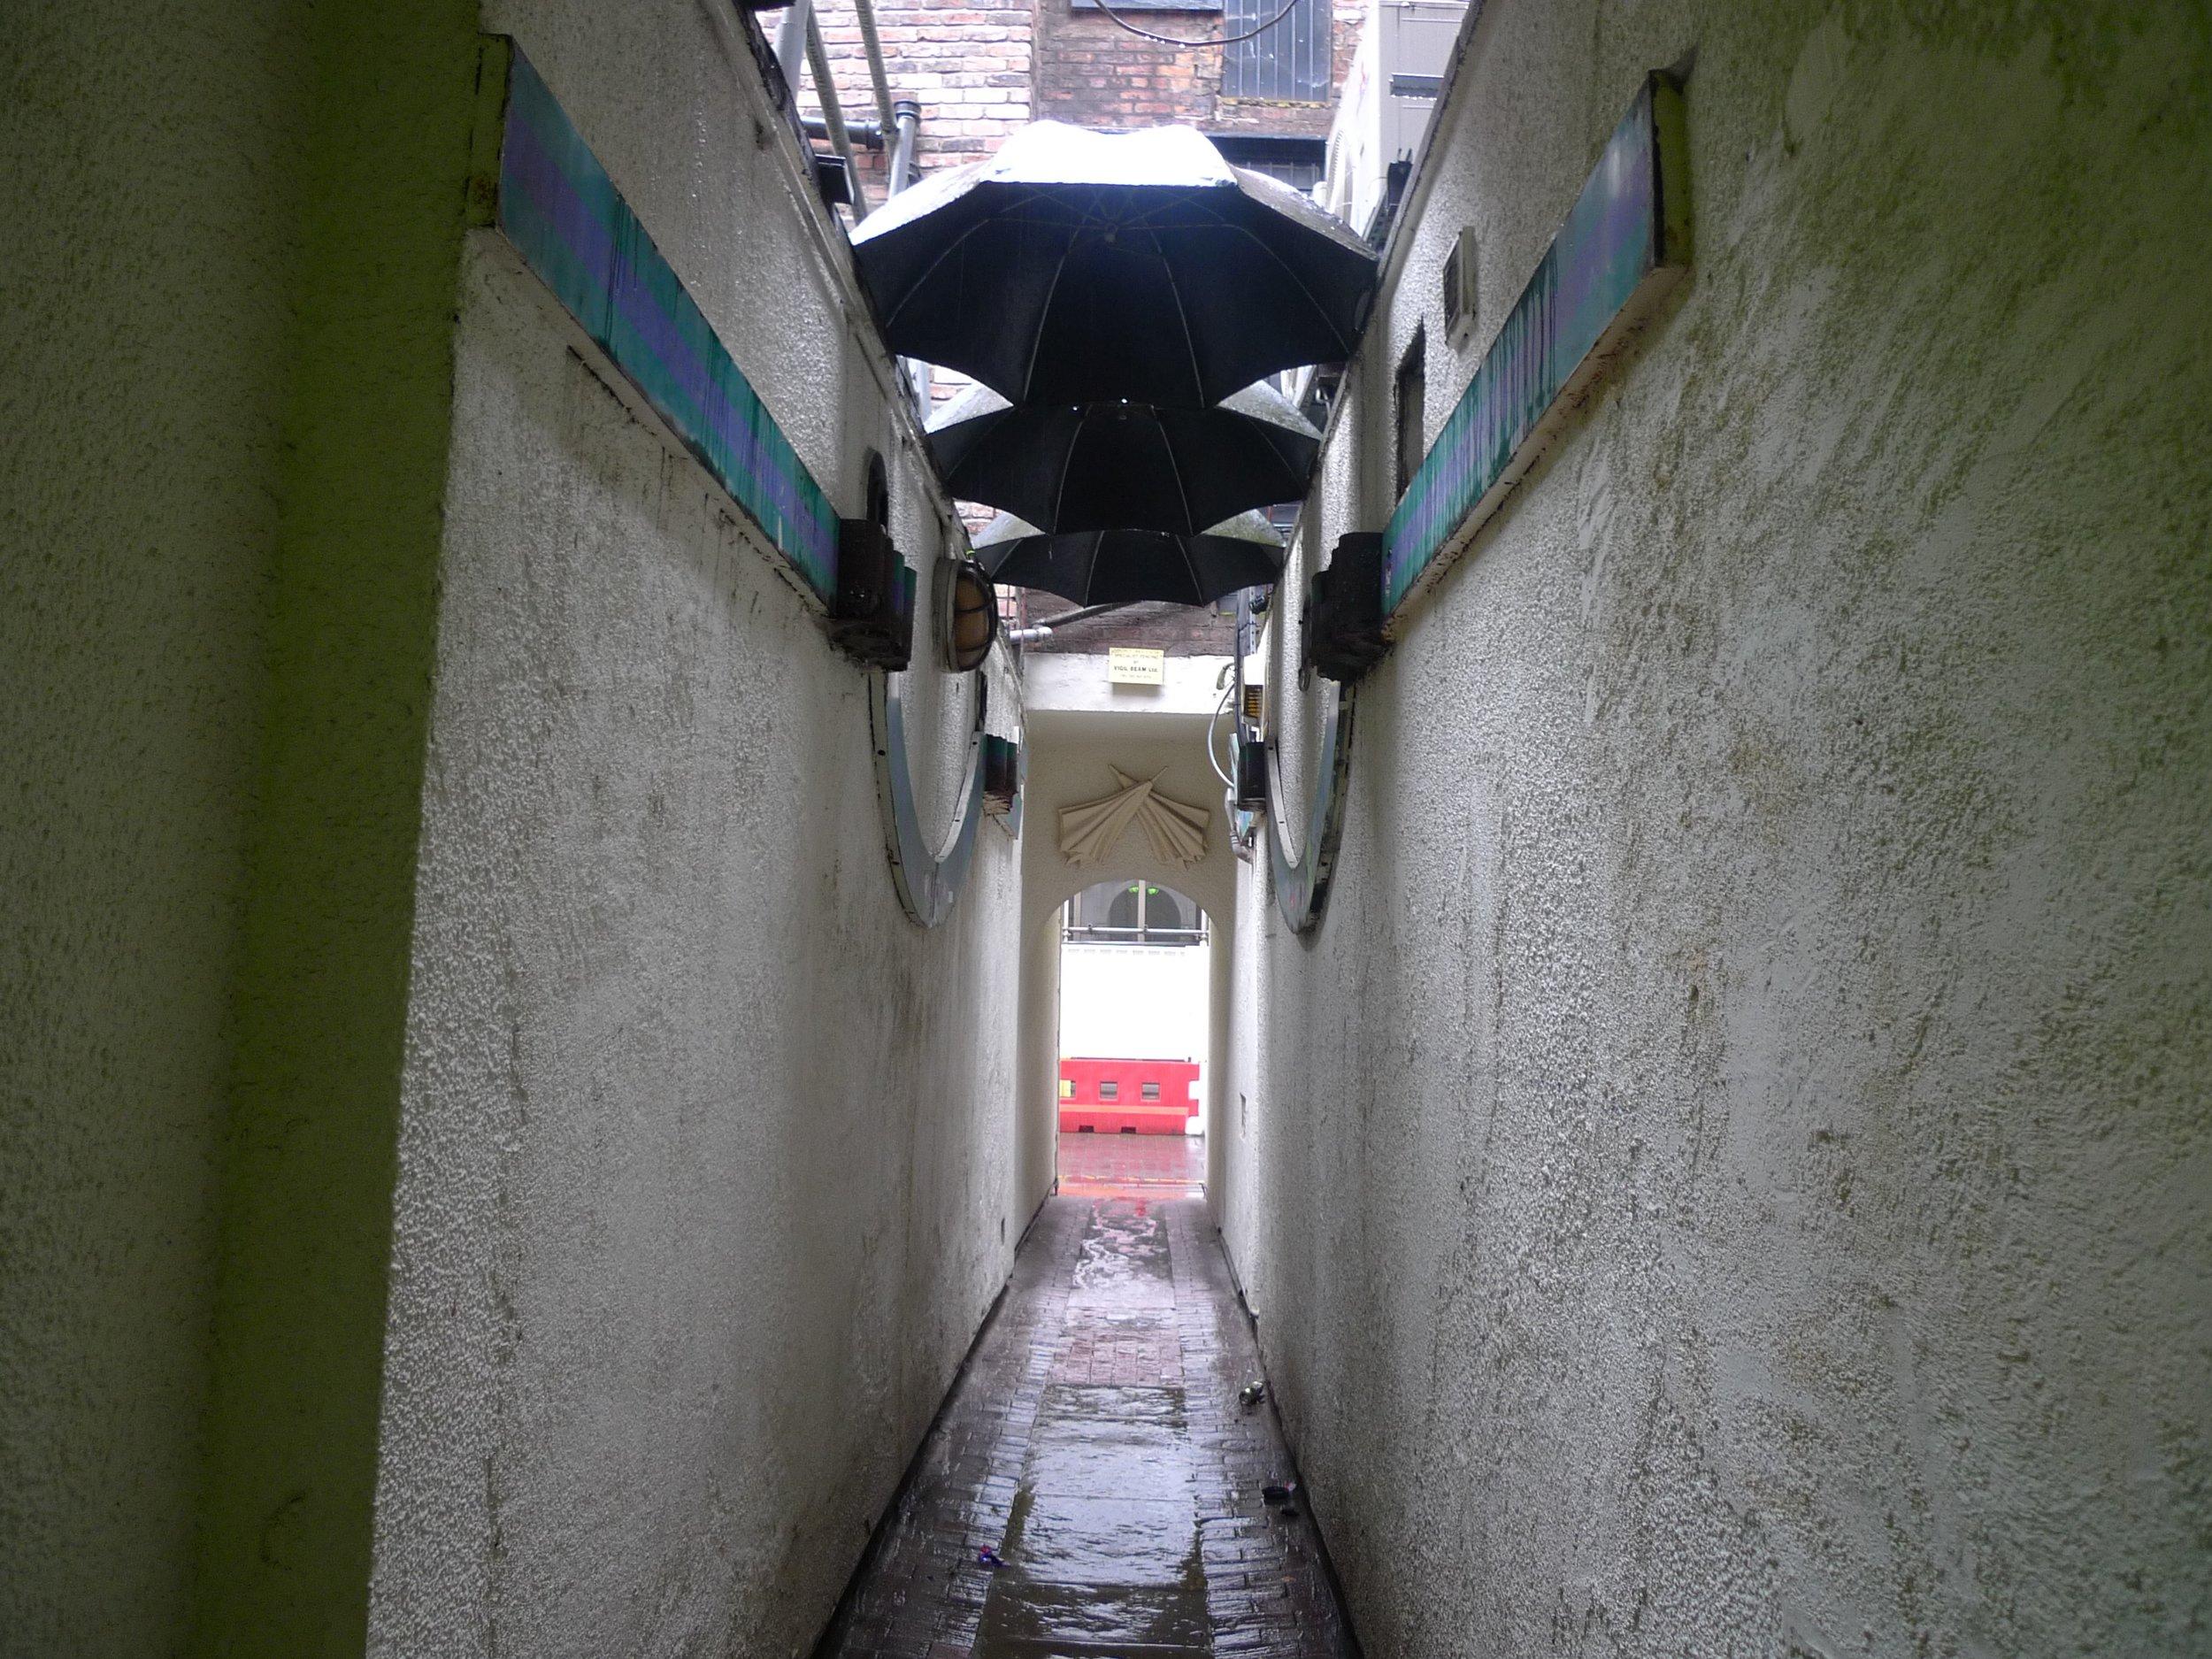 Boardman's Entry